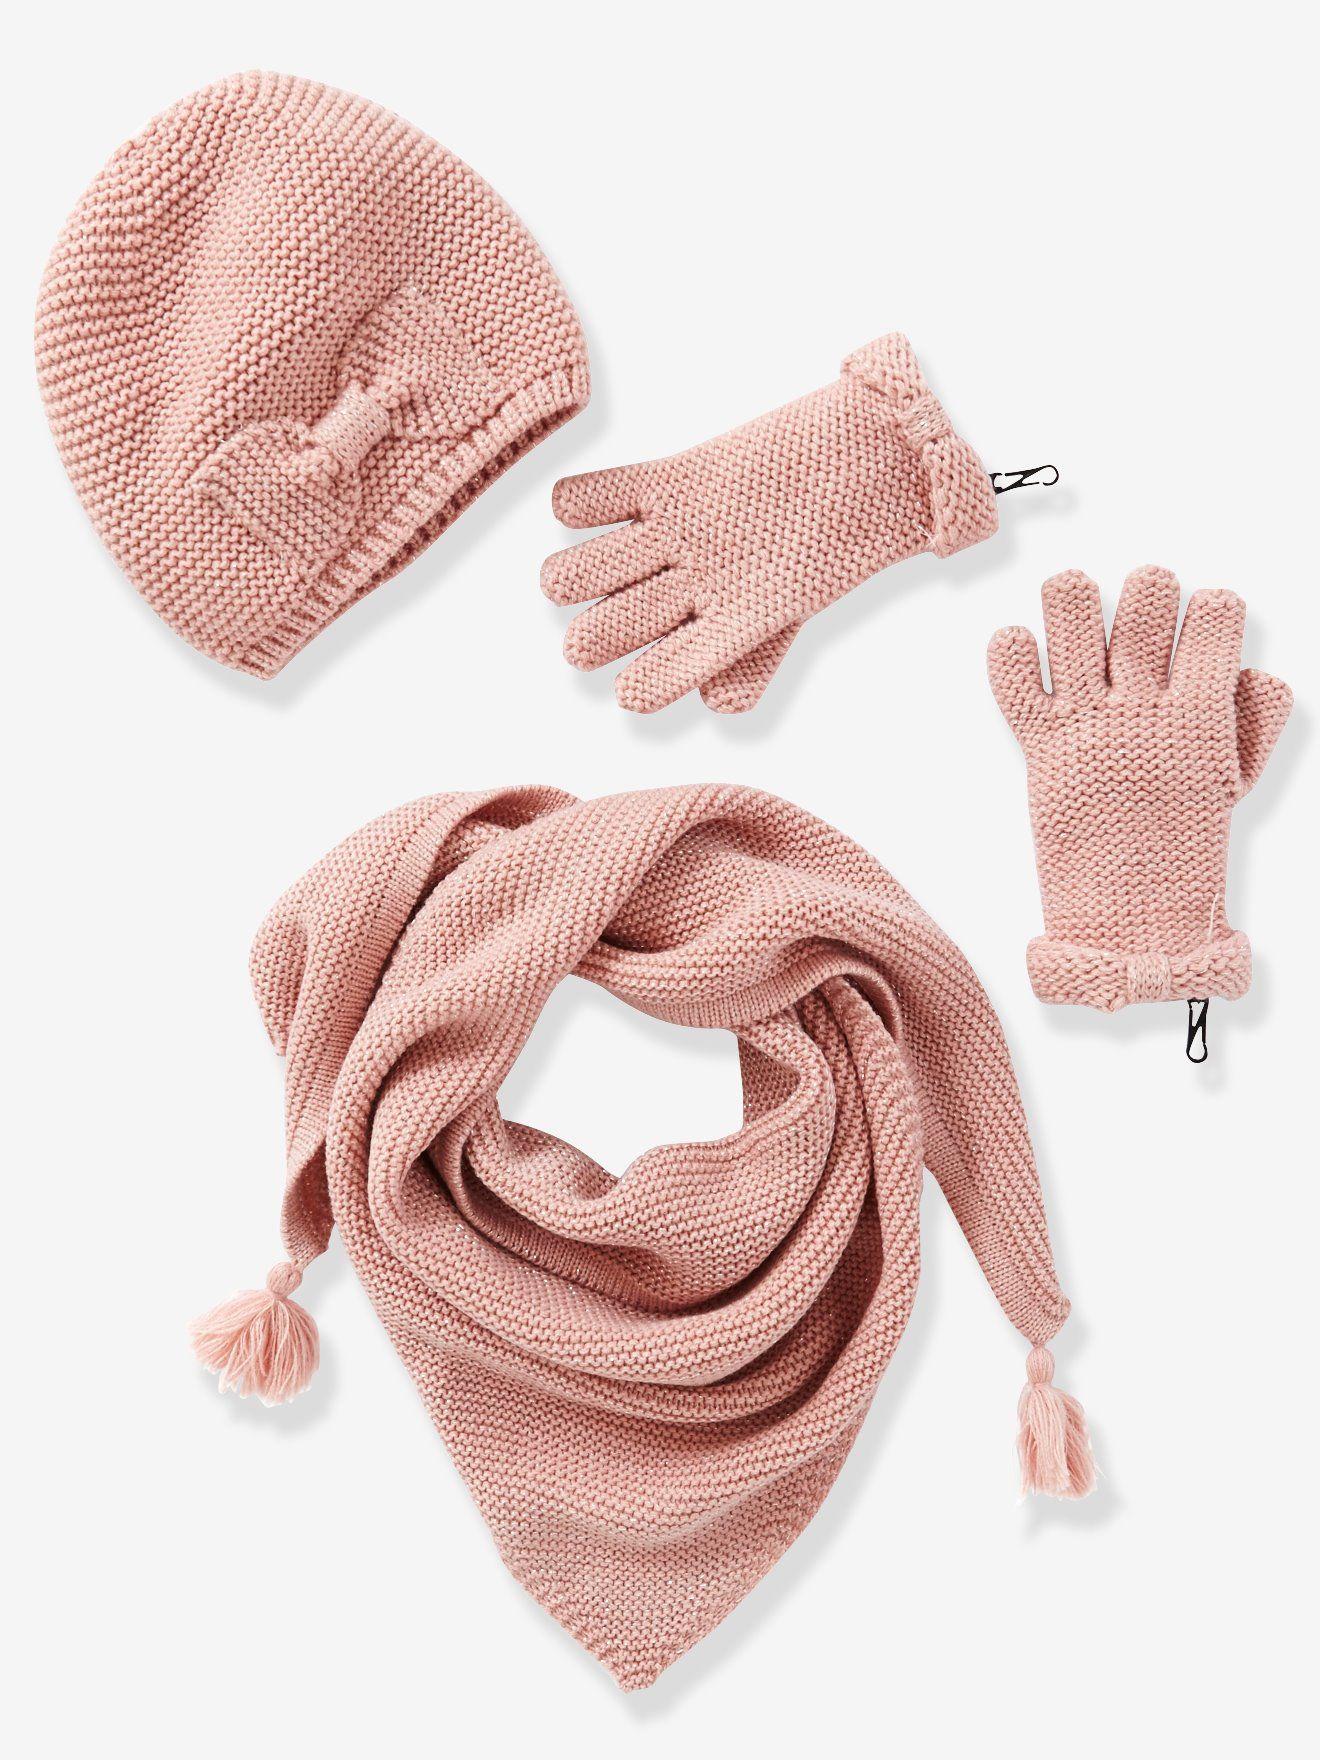 Conjunto bufanda + gorro + manoplas o guantes niña rosa grisaceo - Un  bonito conjunto muy cálido... ¡Ideal para protegerse del frío de forma  bonita! 09b433ff72d